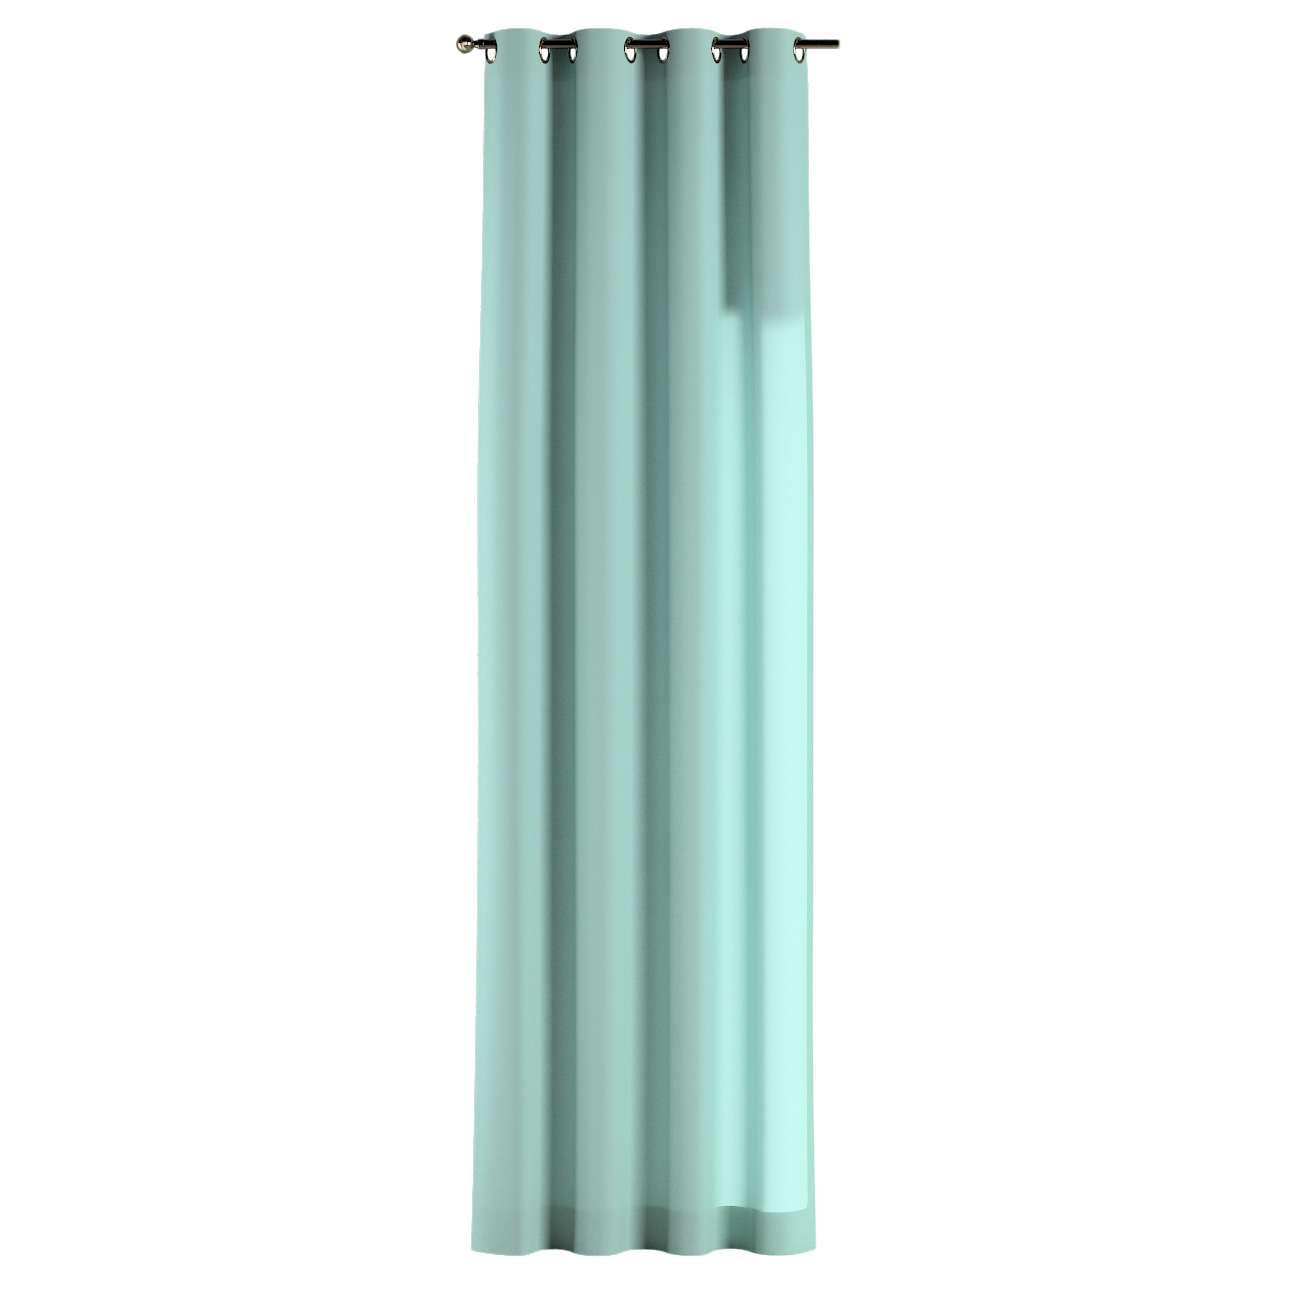 Zasłona na kółkach 1 szt. 1szt 130x260 cm w kolekcji Loneta, tkanina: 133-32